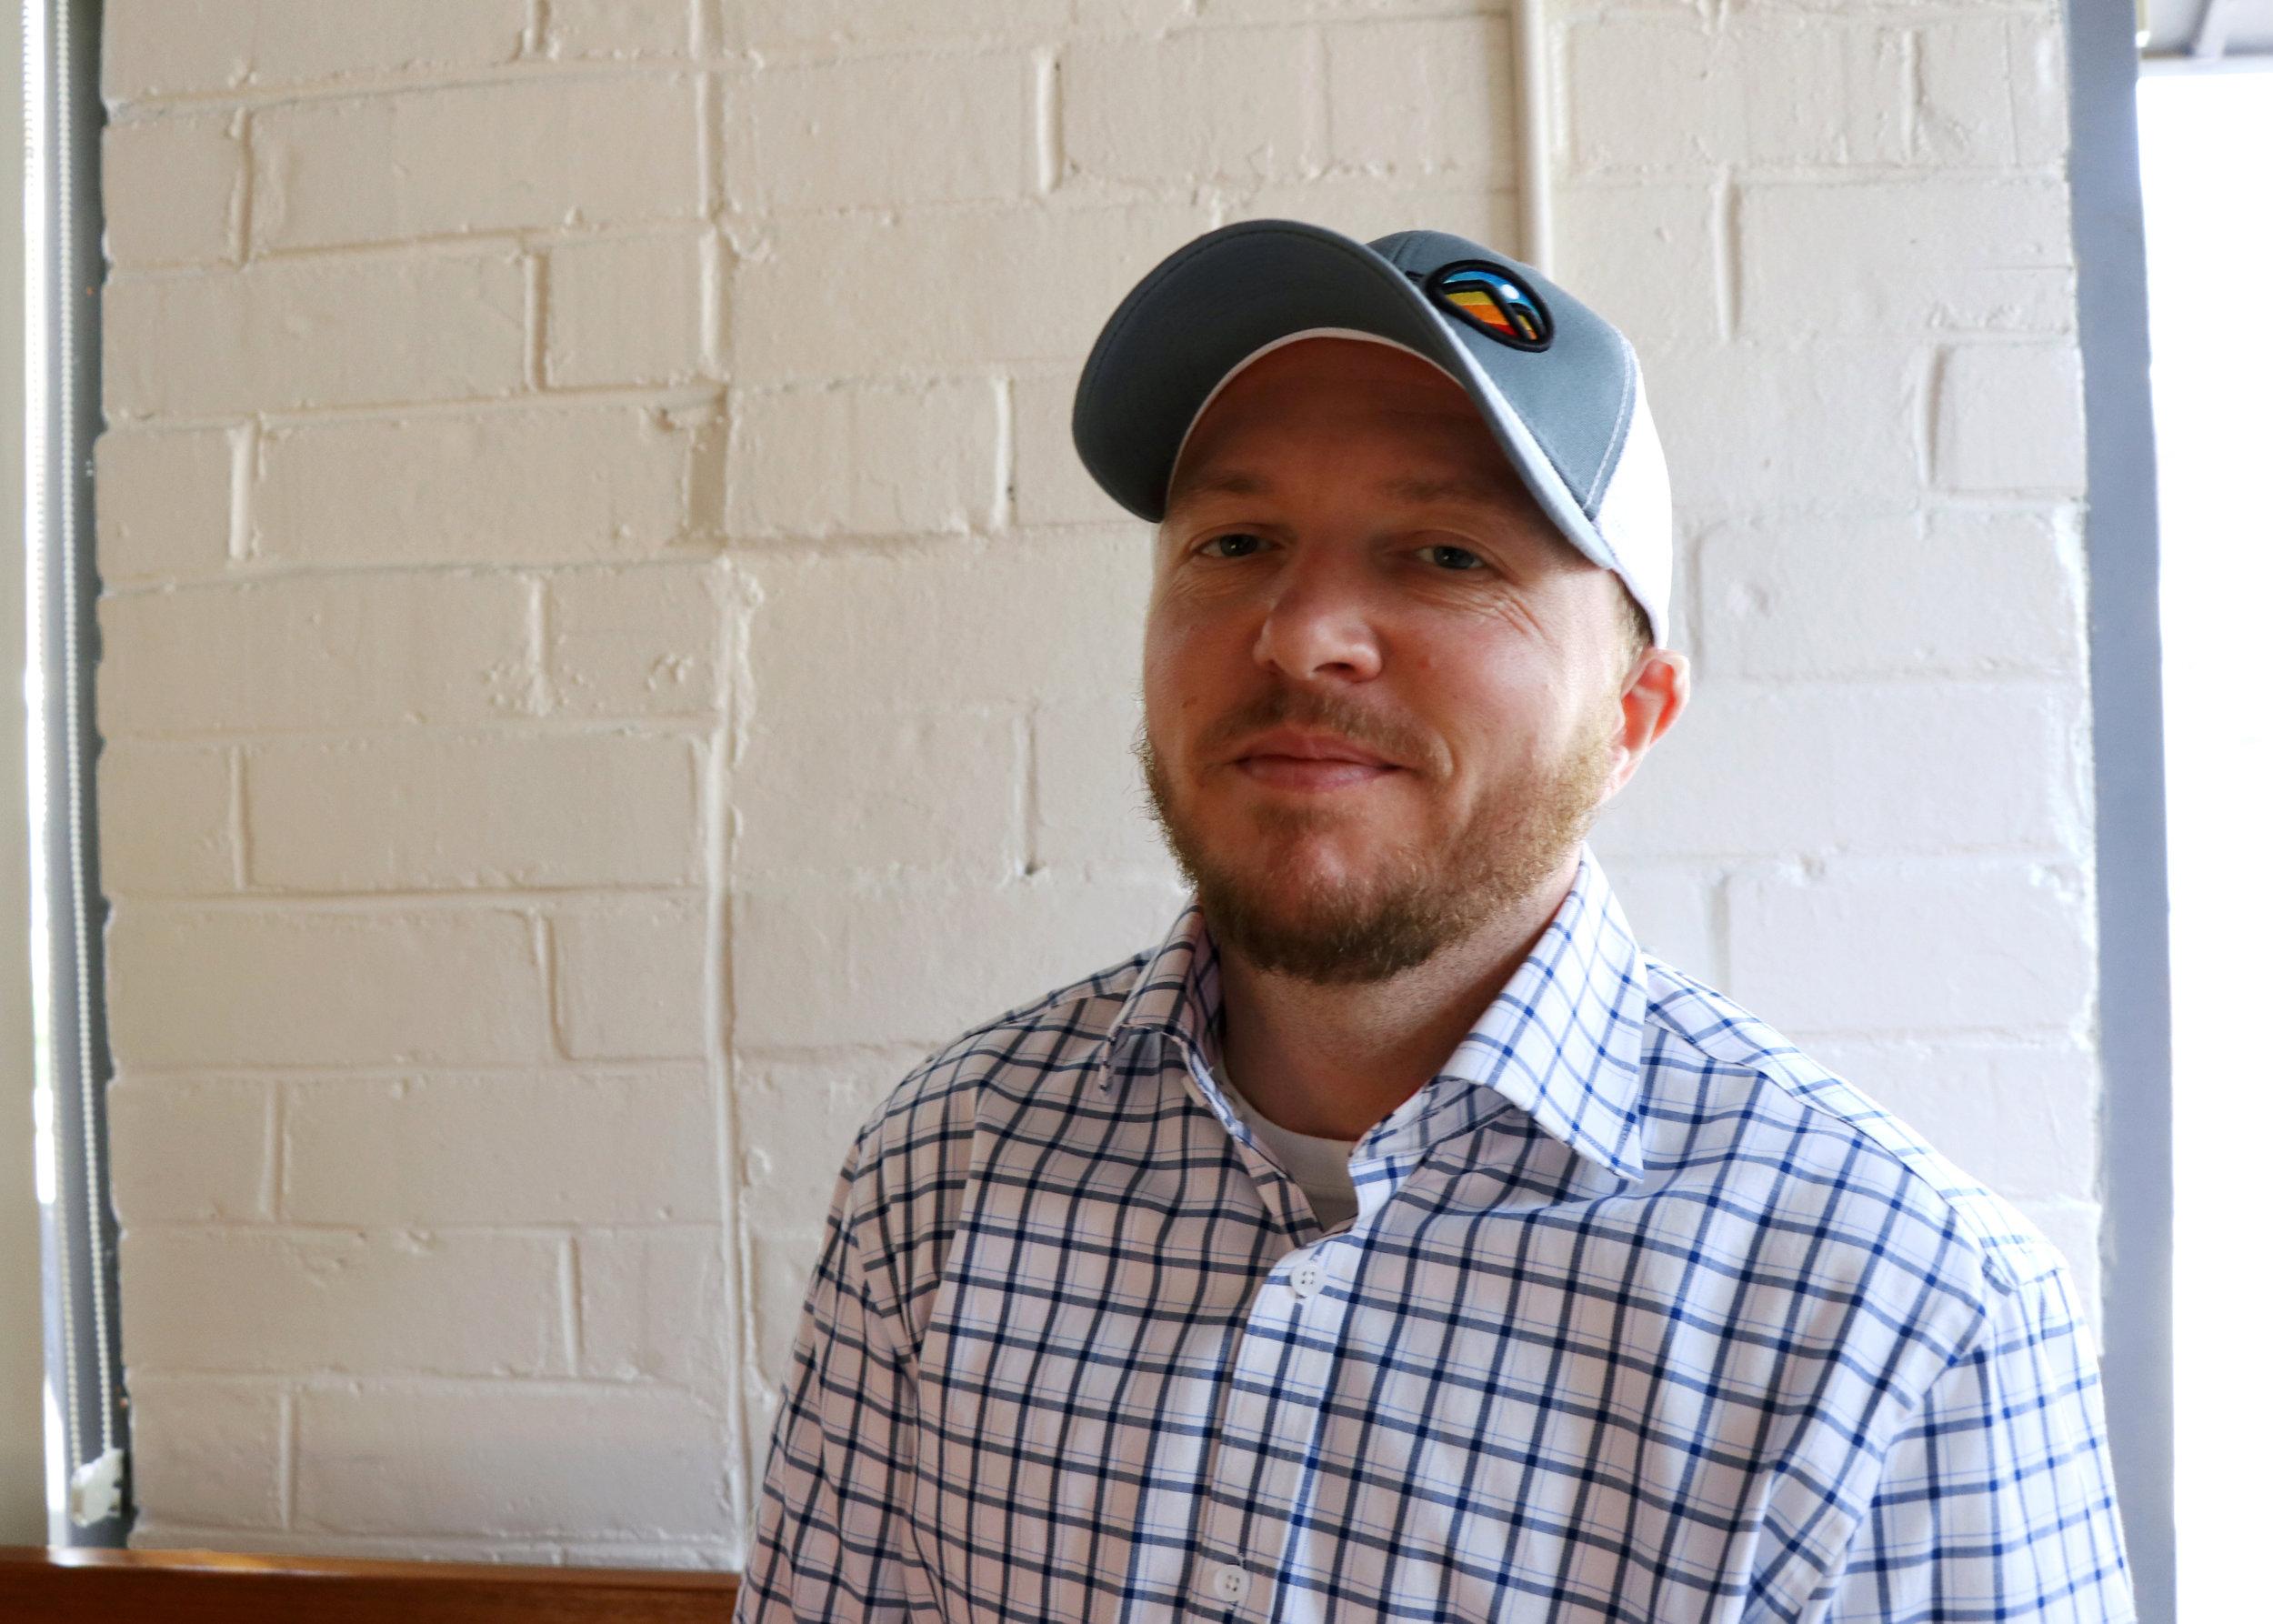 James, who lives in Atlanta.